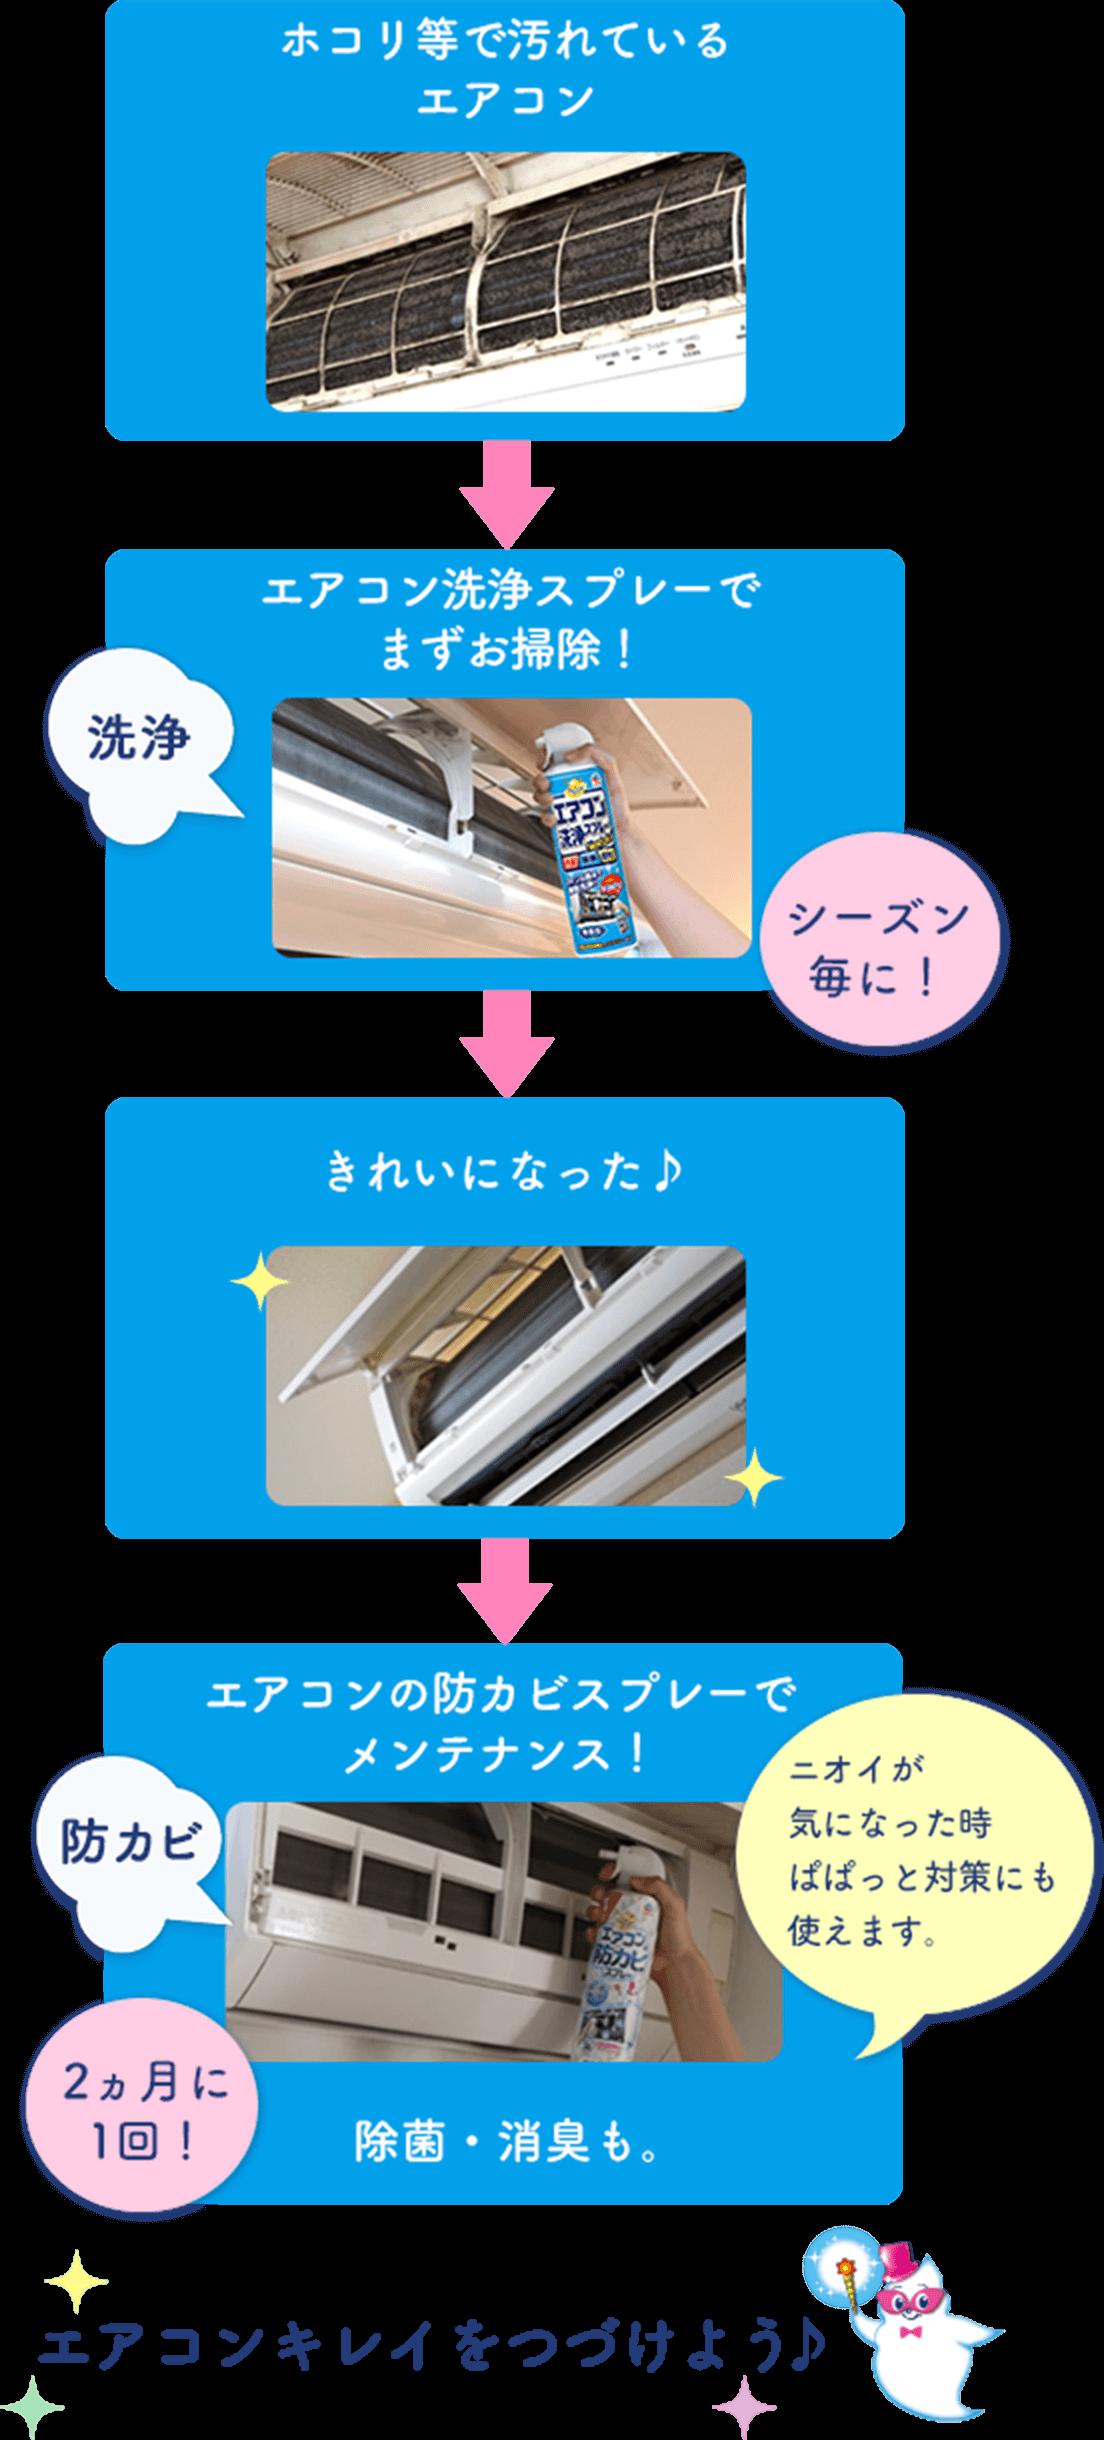 使用シーン 洗浄と防カビの流れ